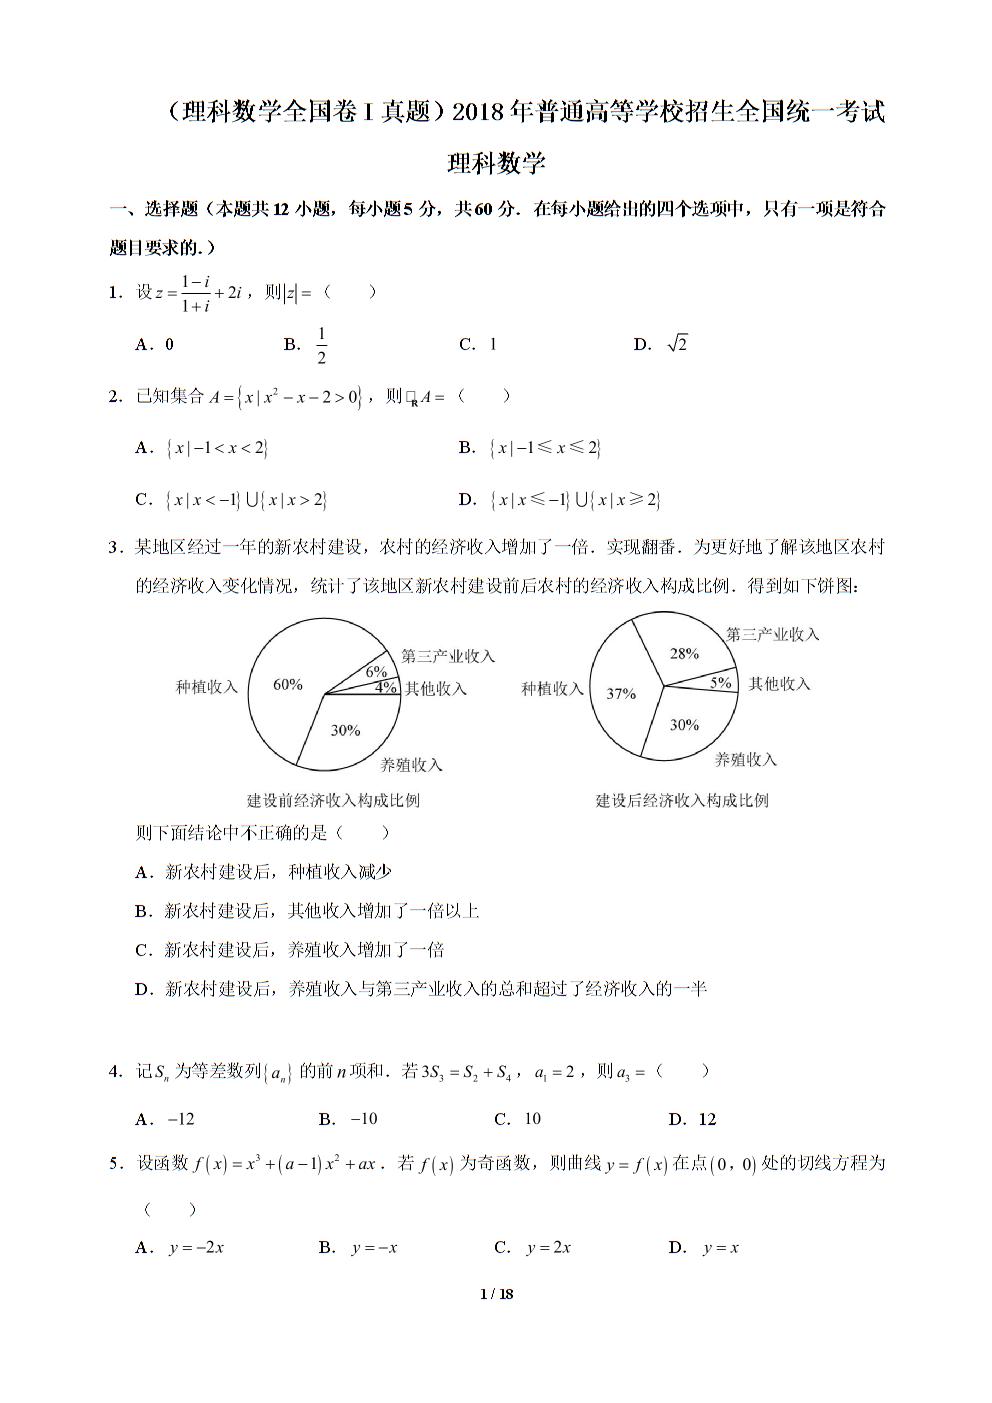 2018年高考理科数学全国卷1全国卷2全国卷3三套真题完美打印版.doc图片